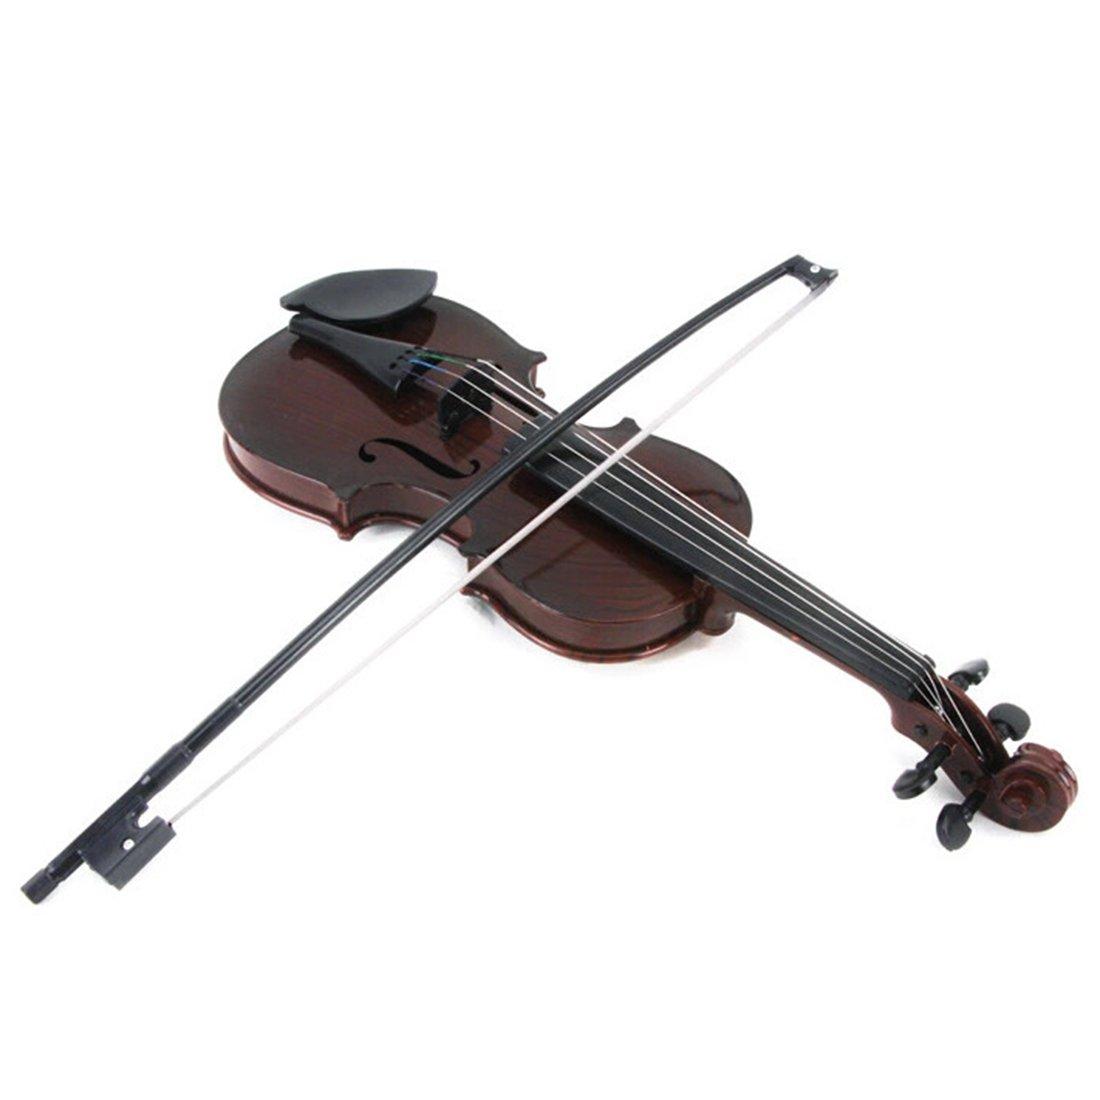 BSPAS Geige fü r Kinder, Kinder Geige Spielzeug, Violine Kinder, Kindergeige Geschenk fü r Junge Mä dchen ab 3 Jahre